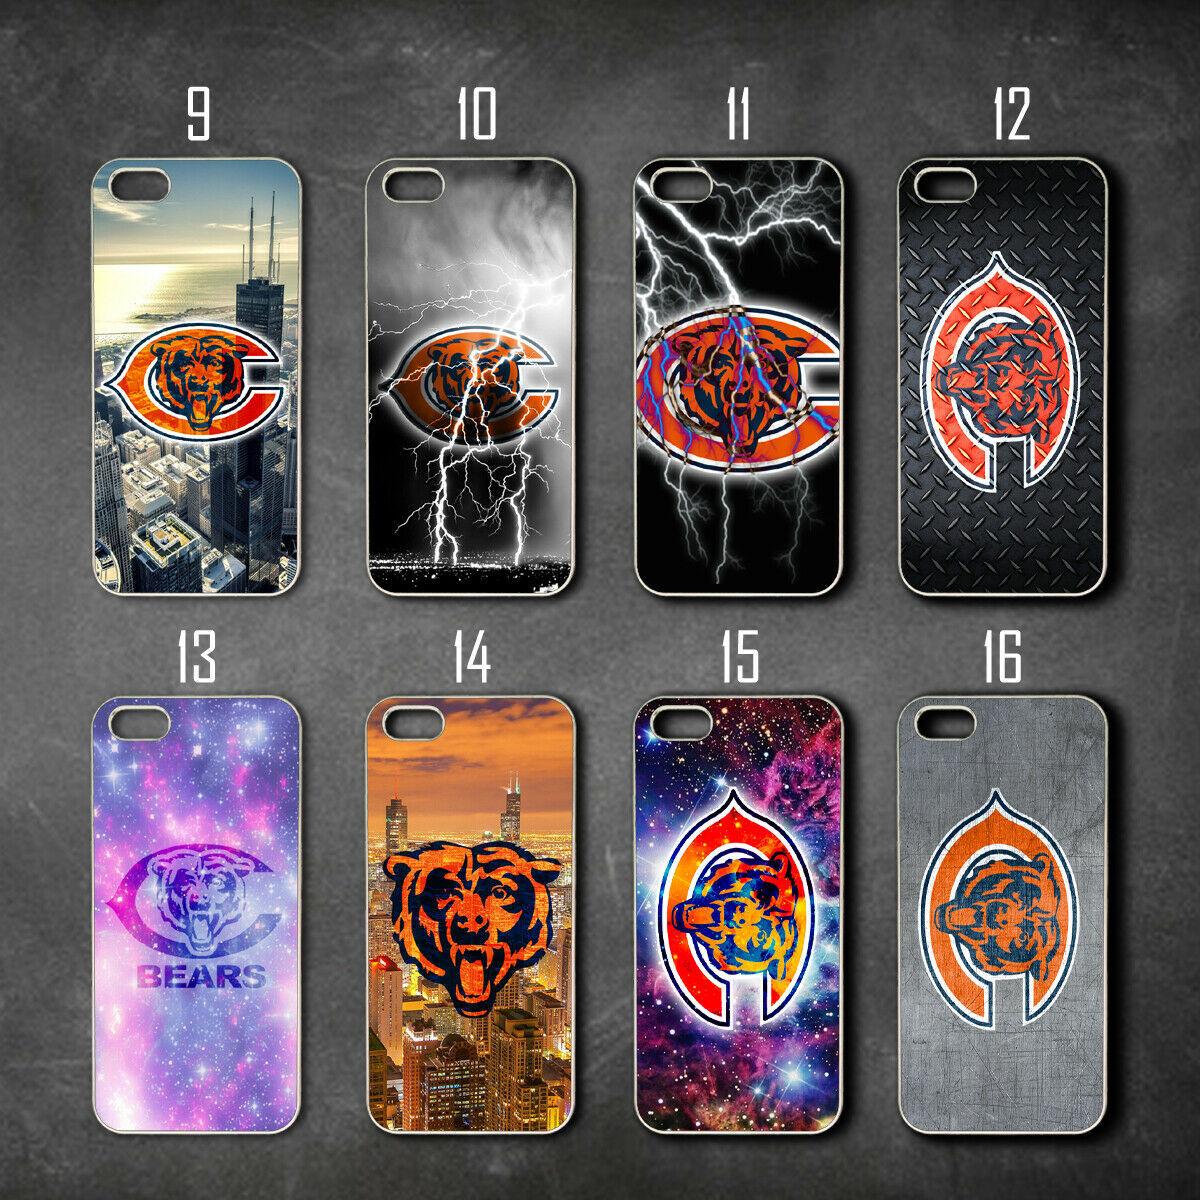 Chicago Bears Galaxy s10 S10e S10 plus s9 s7 s7 edge s8 s8 plus case